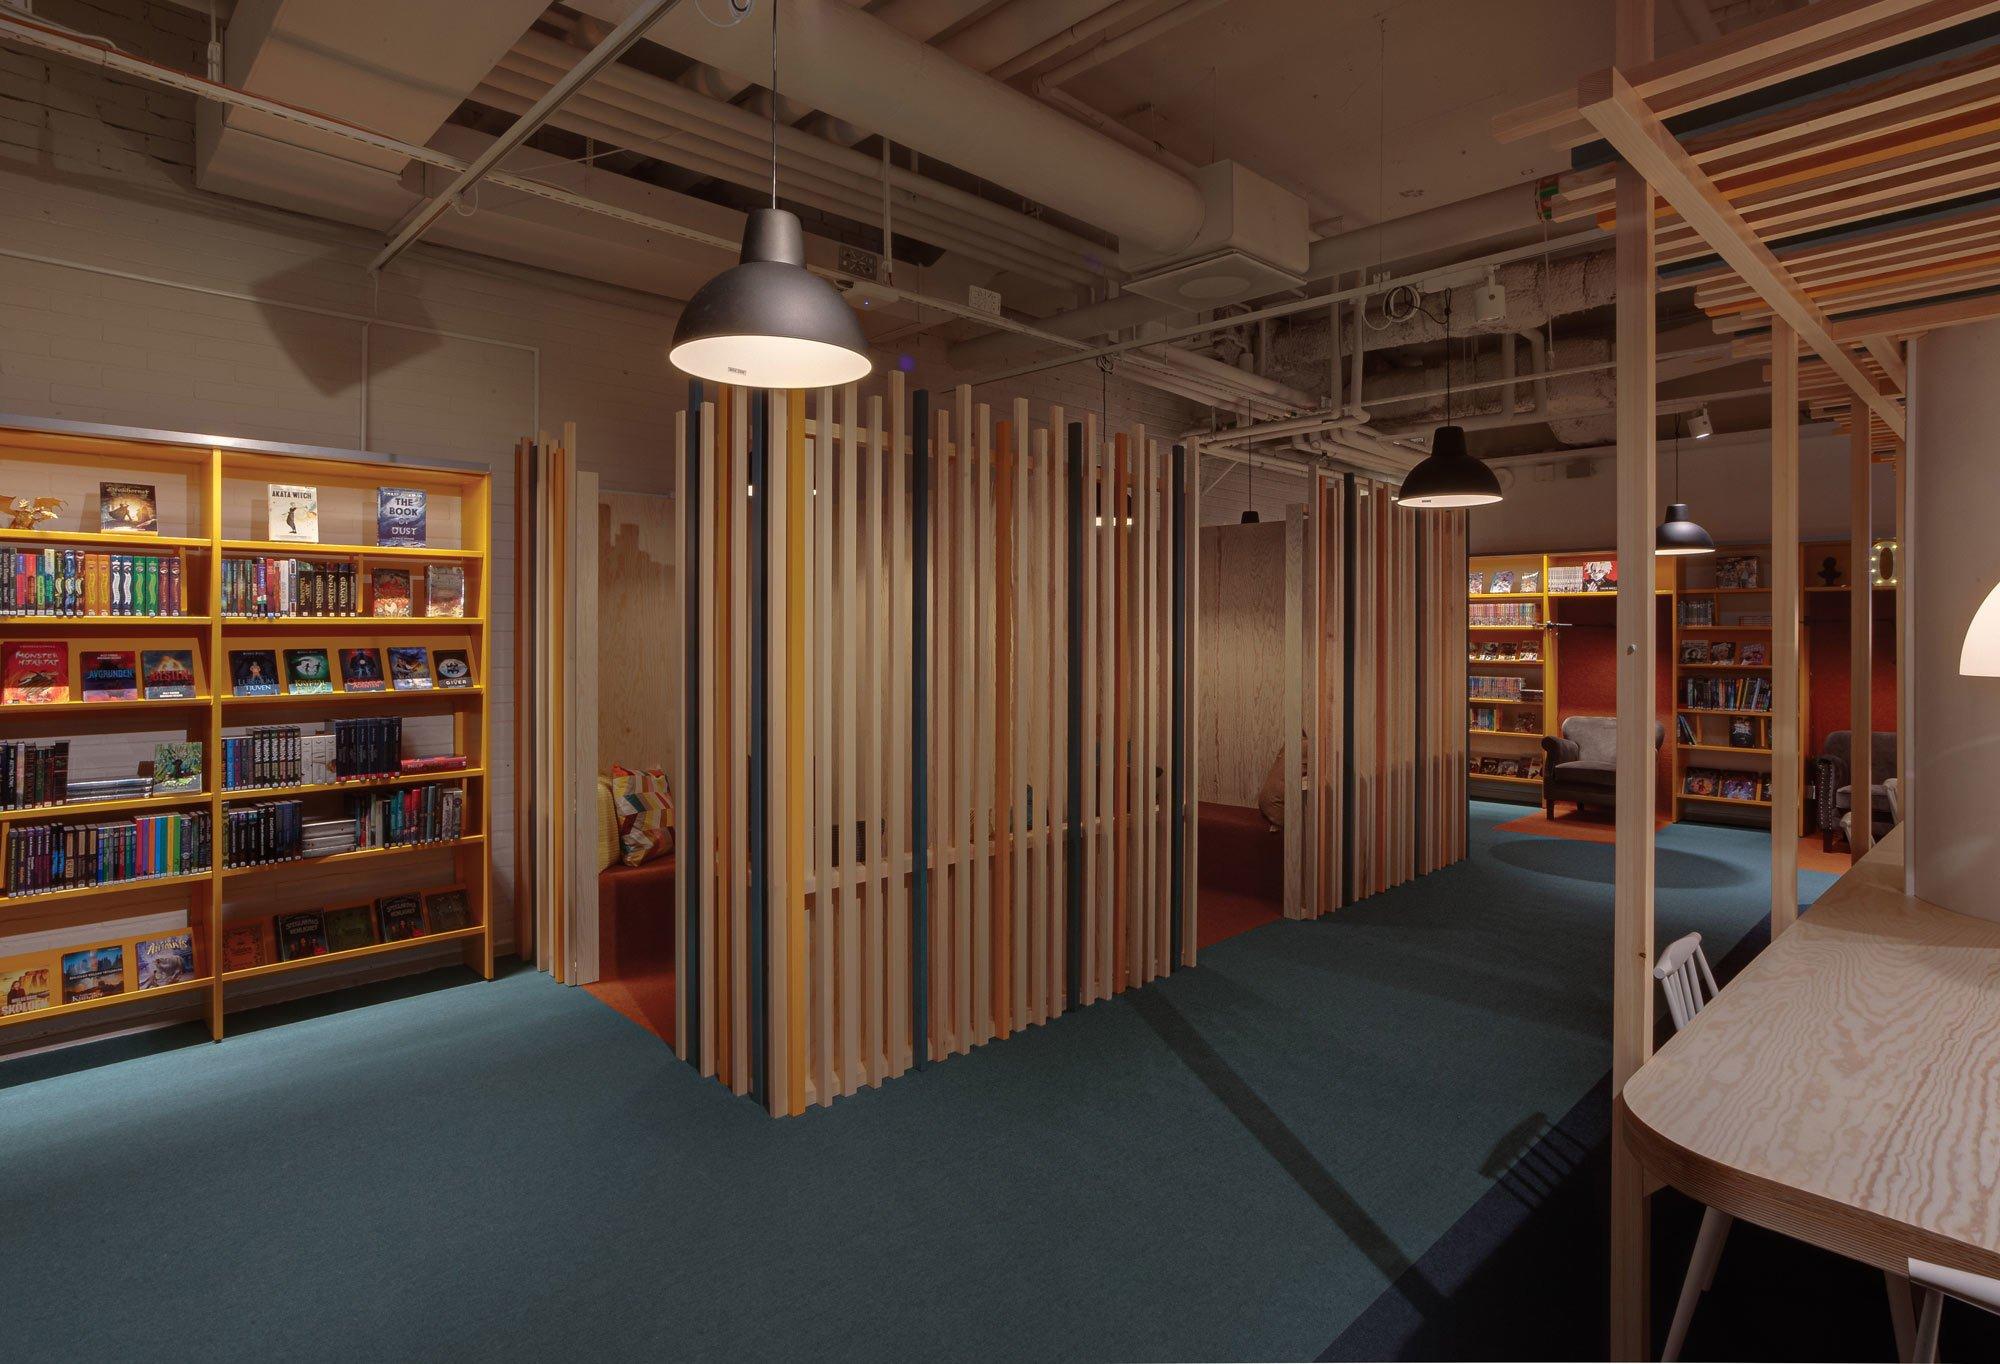 Um den Raum zu gliedern, arbeiteten die Architekt*innen mit transparenten Raumteilern.